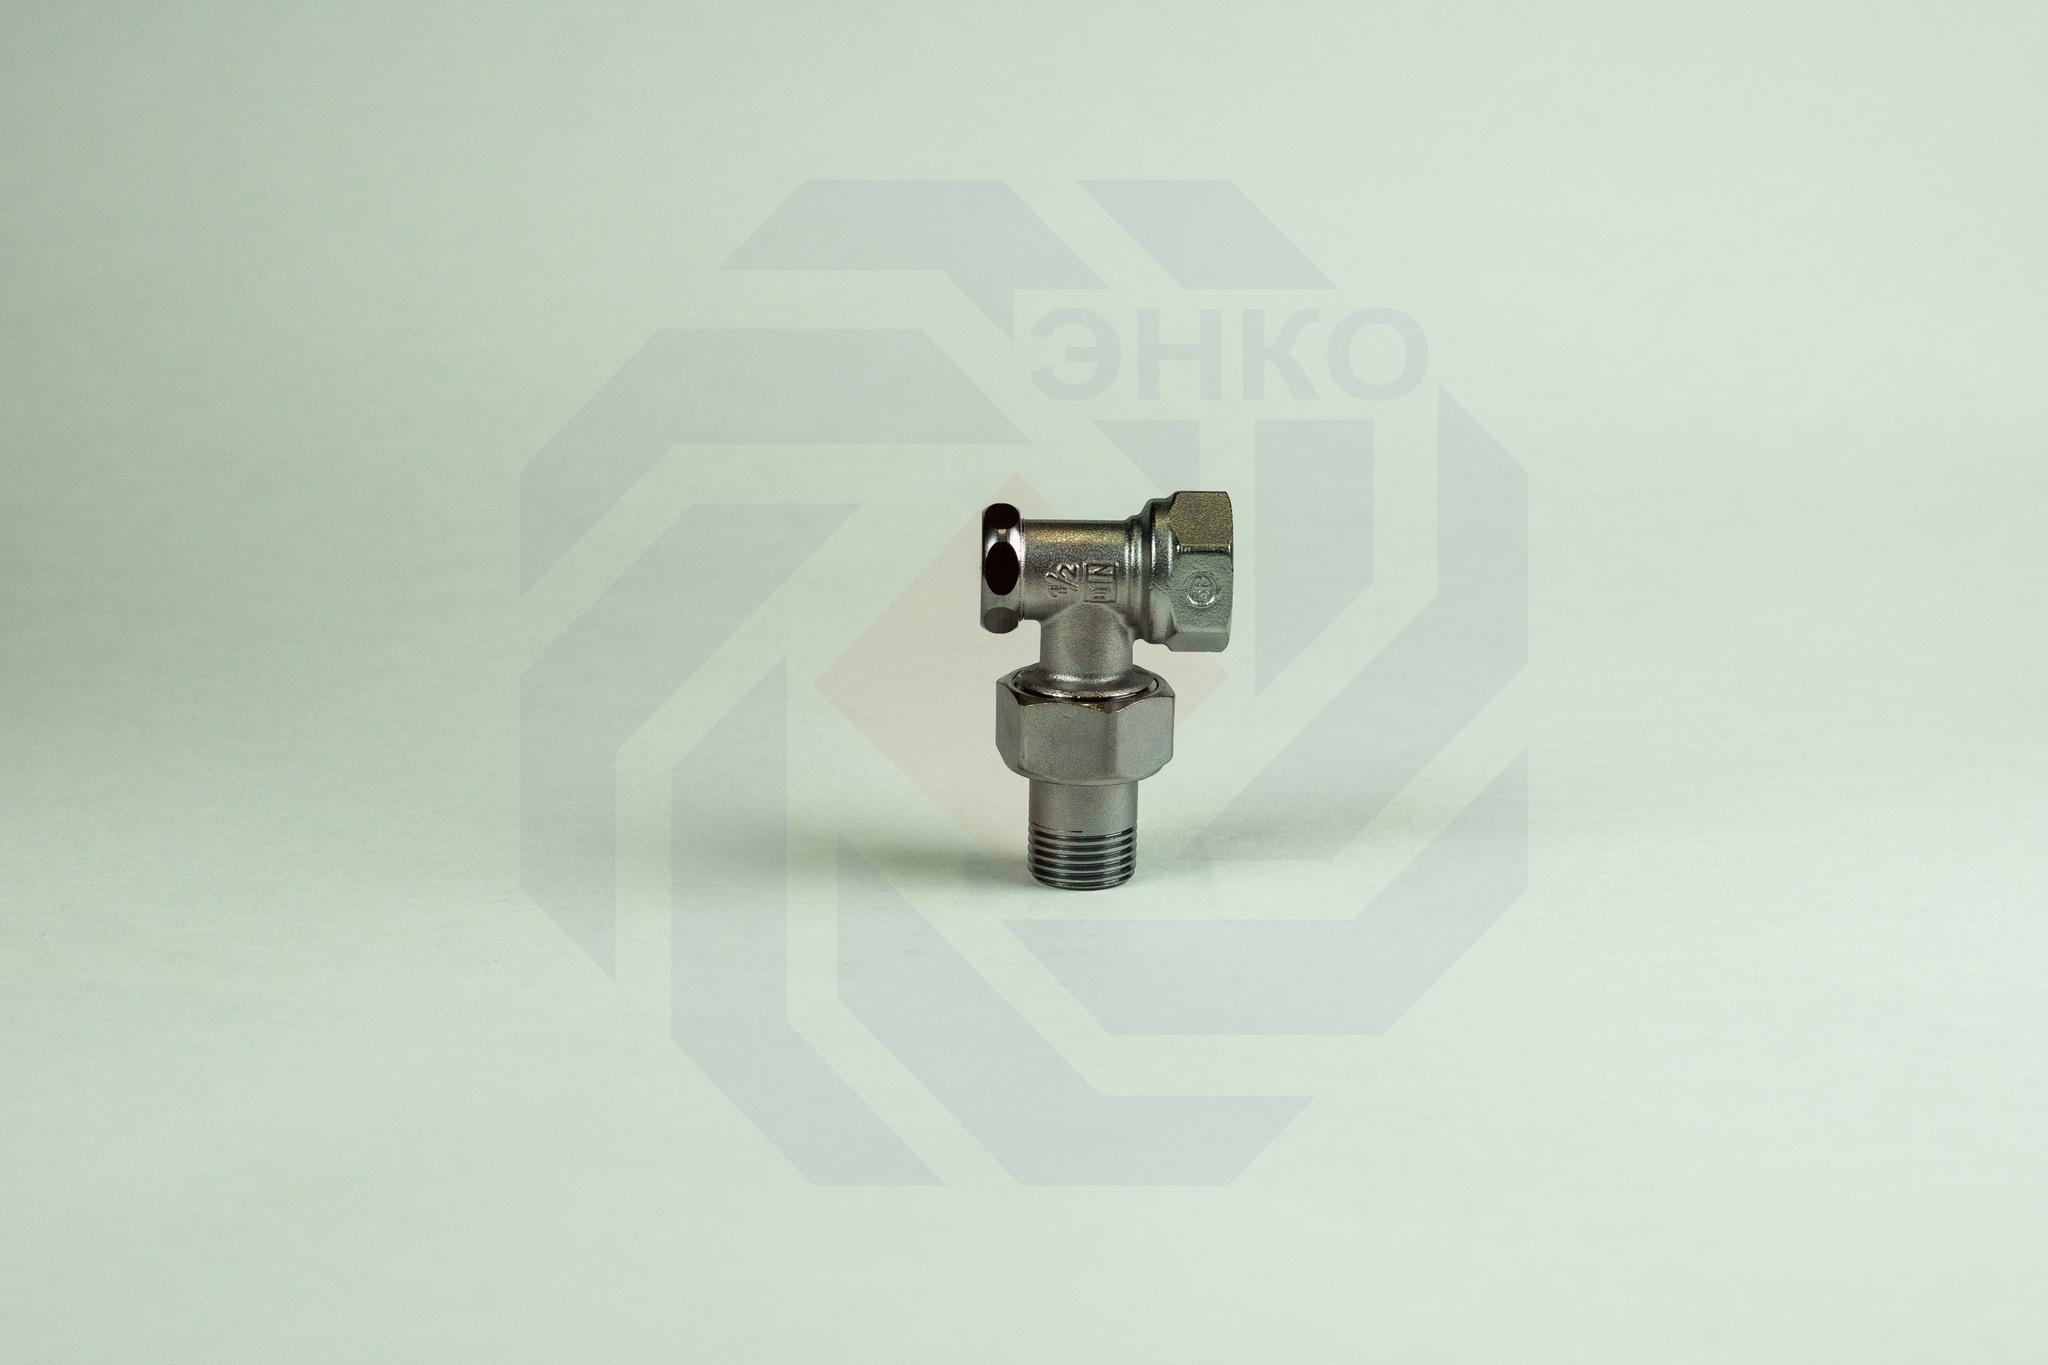 Клапан радиаторный отсечной GIACOMINI R16D2 угловой ¾